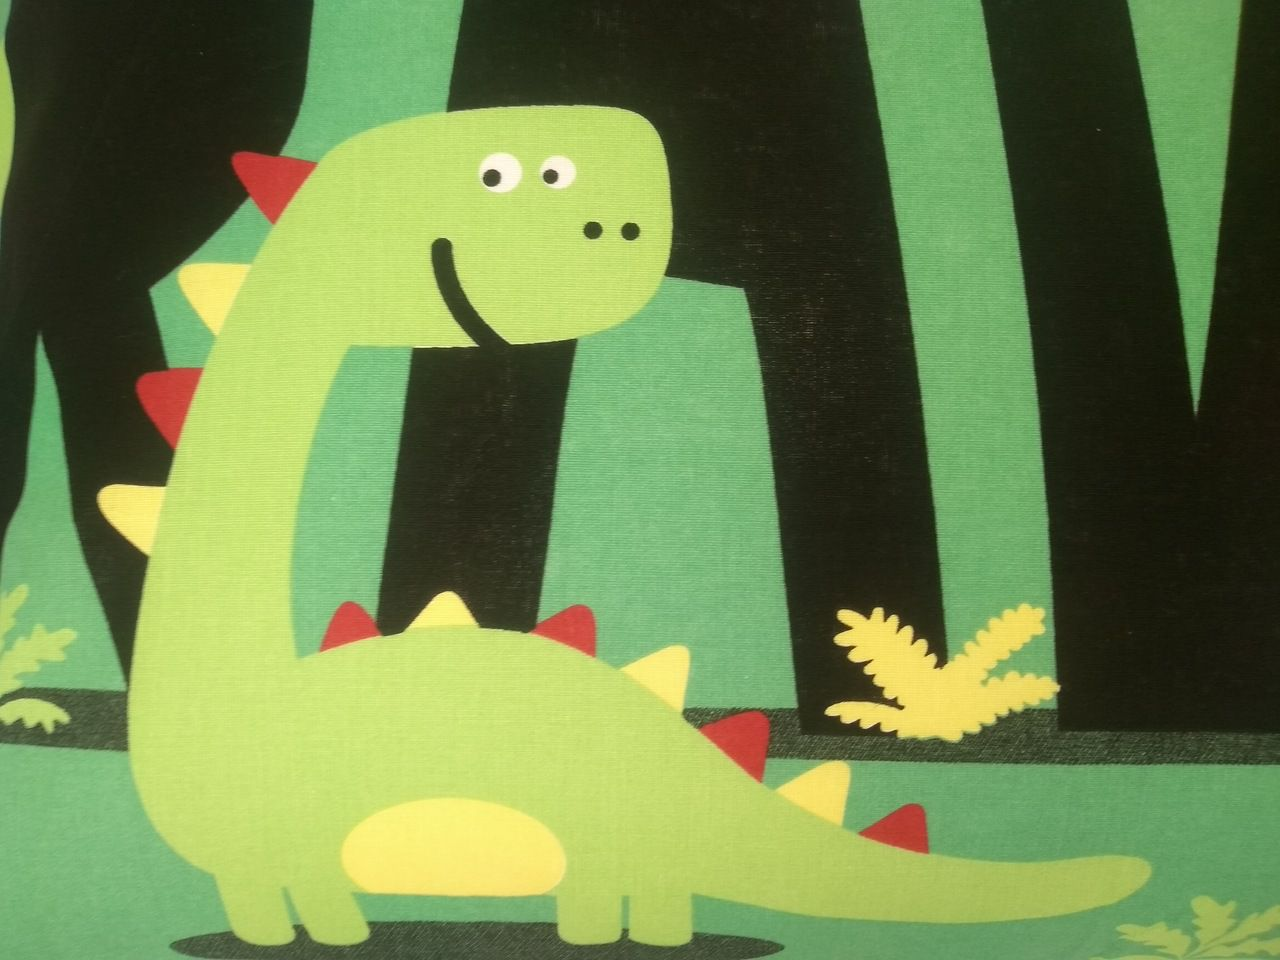 Jogo de Lençol Solteiro Menino Infantil 100% Algodão Dinossauro Macio 3 Peças